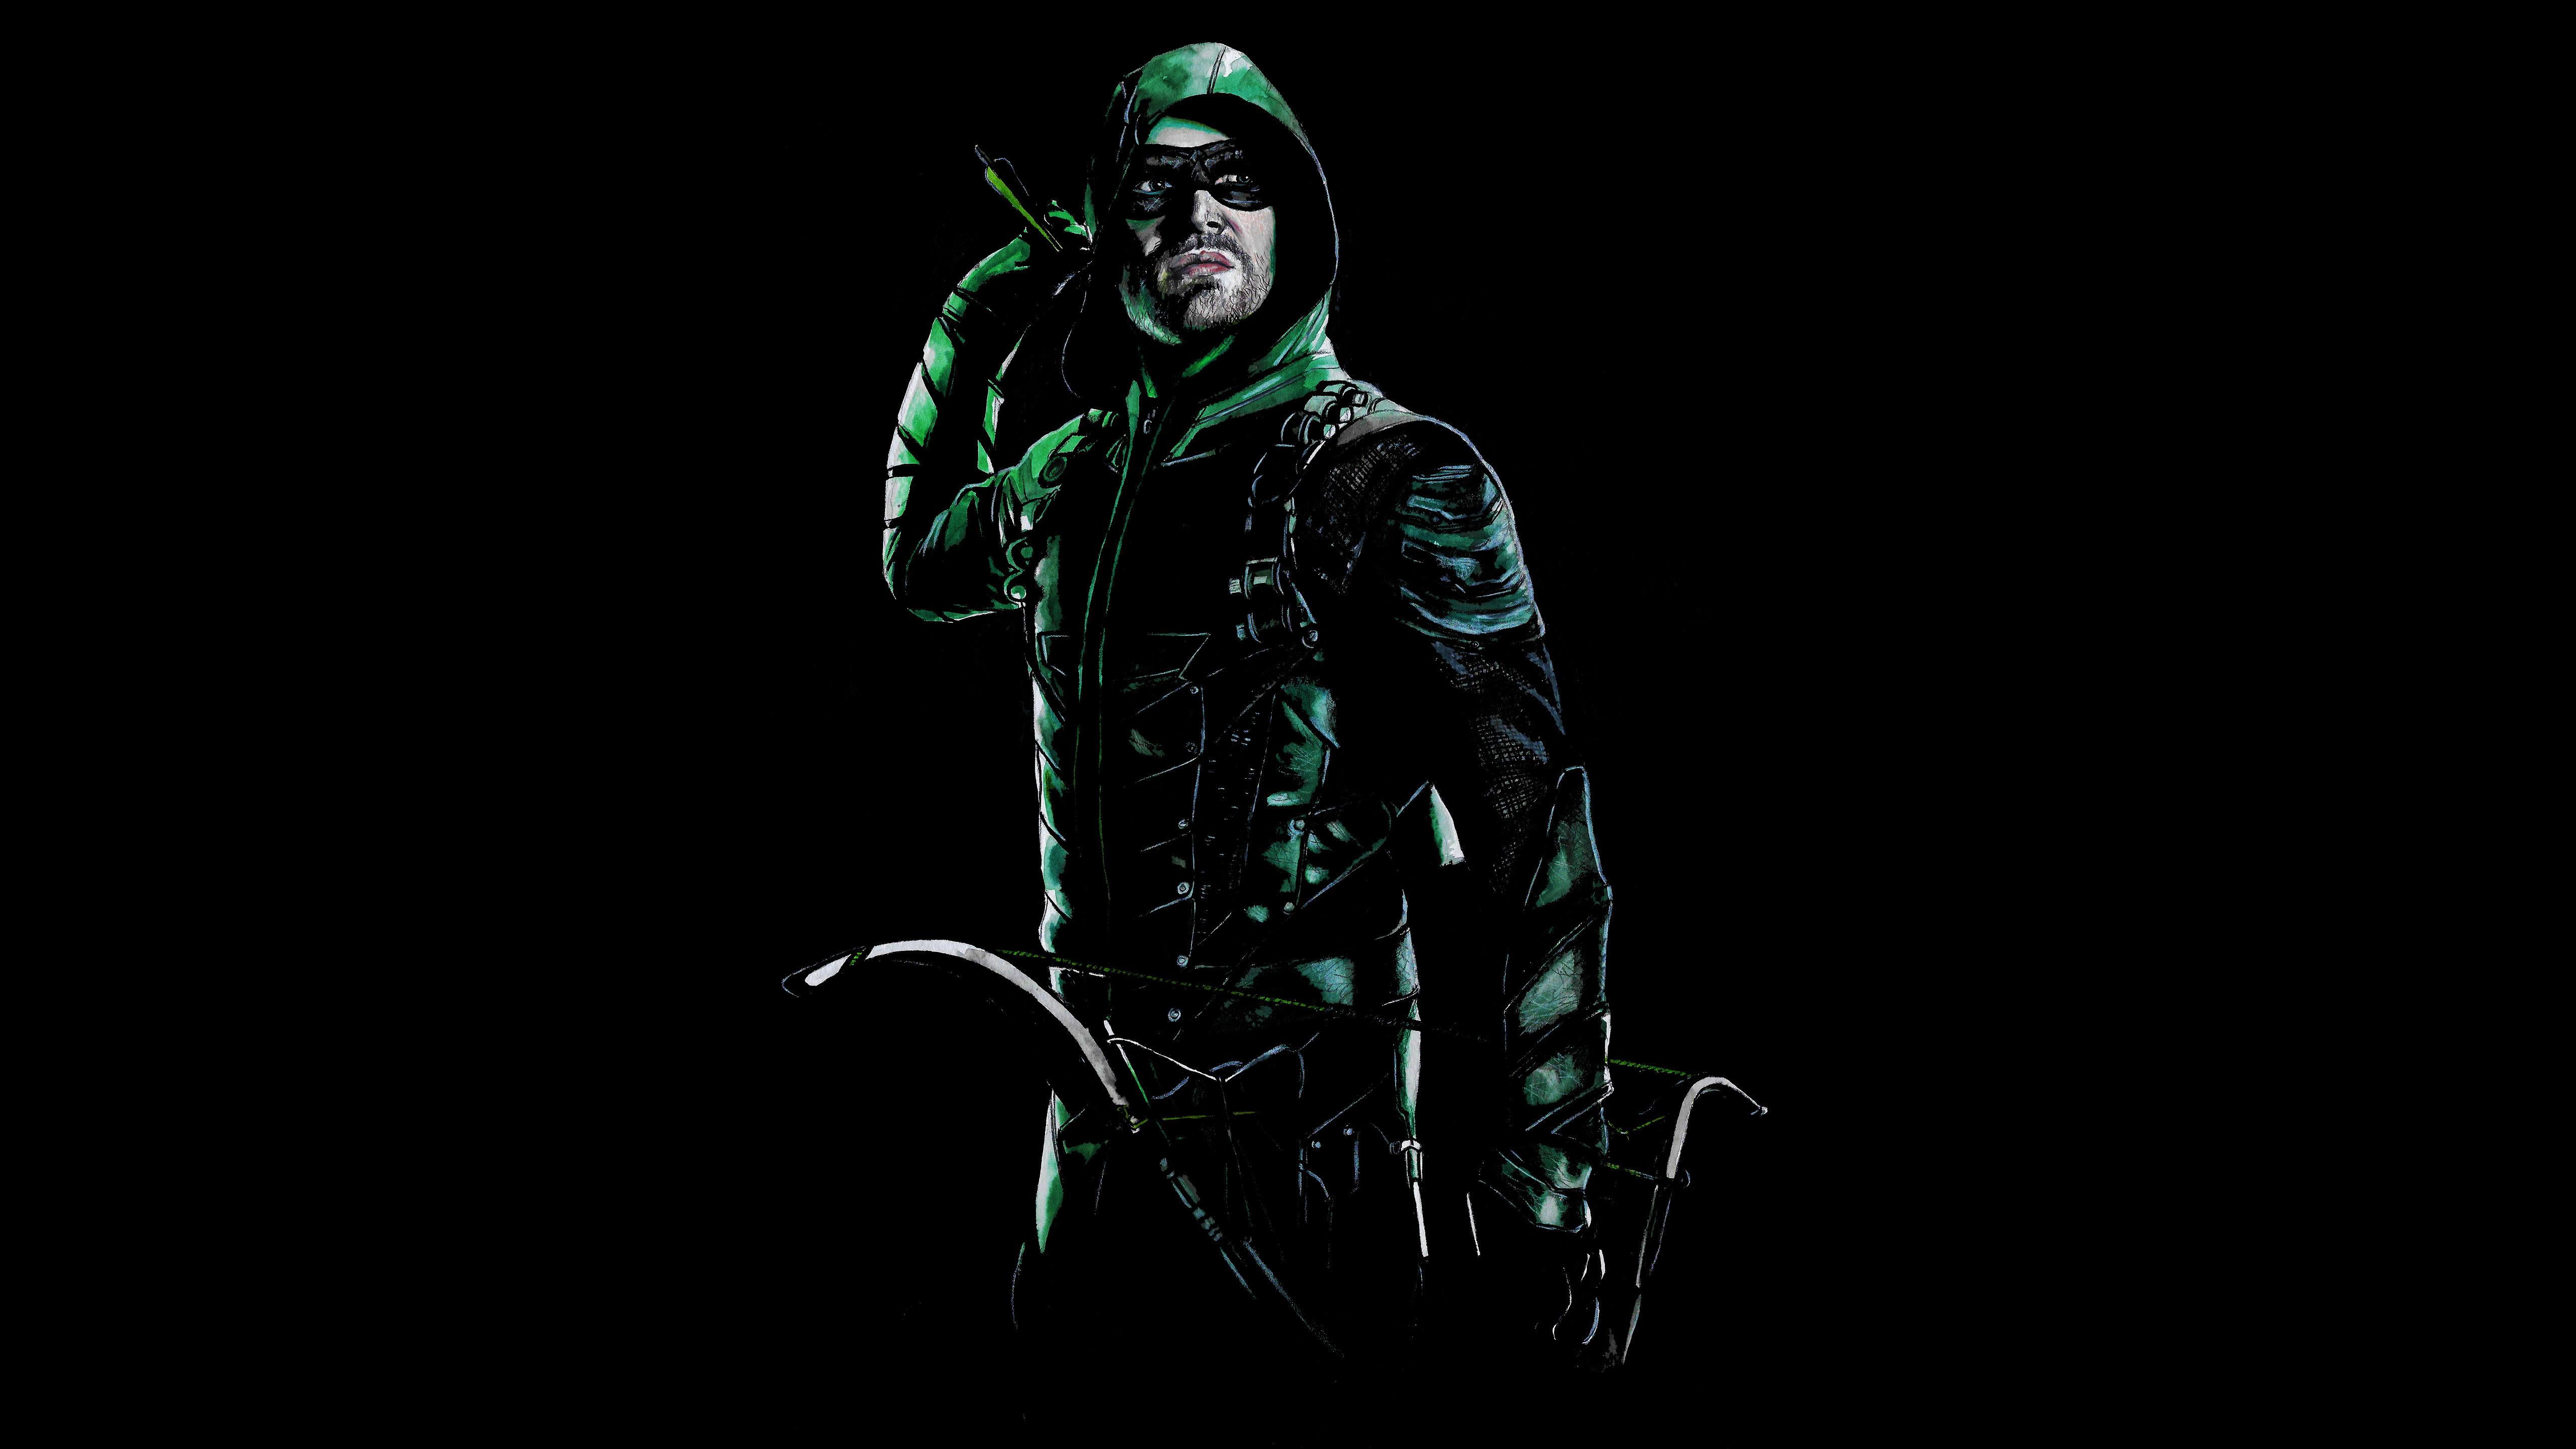 5120x2880 Stephen Amell As Green Arrow 5k 5k Hd 4k